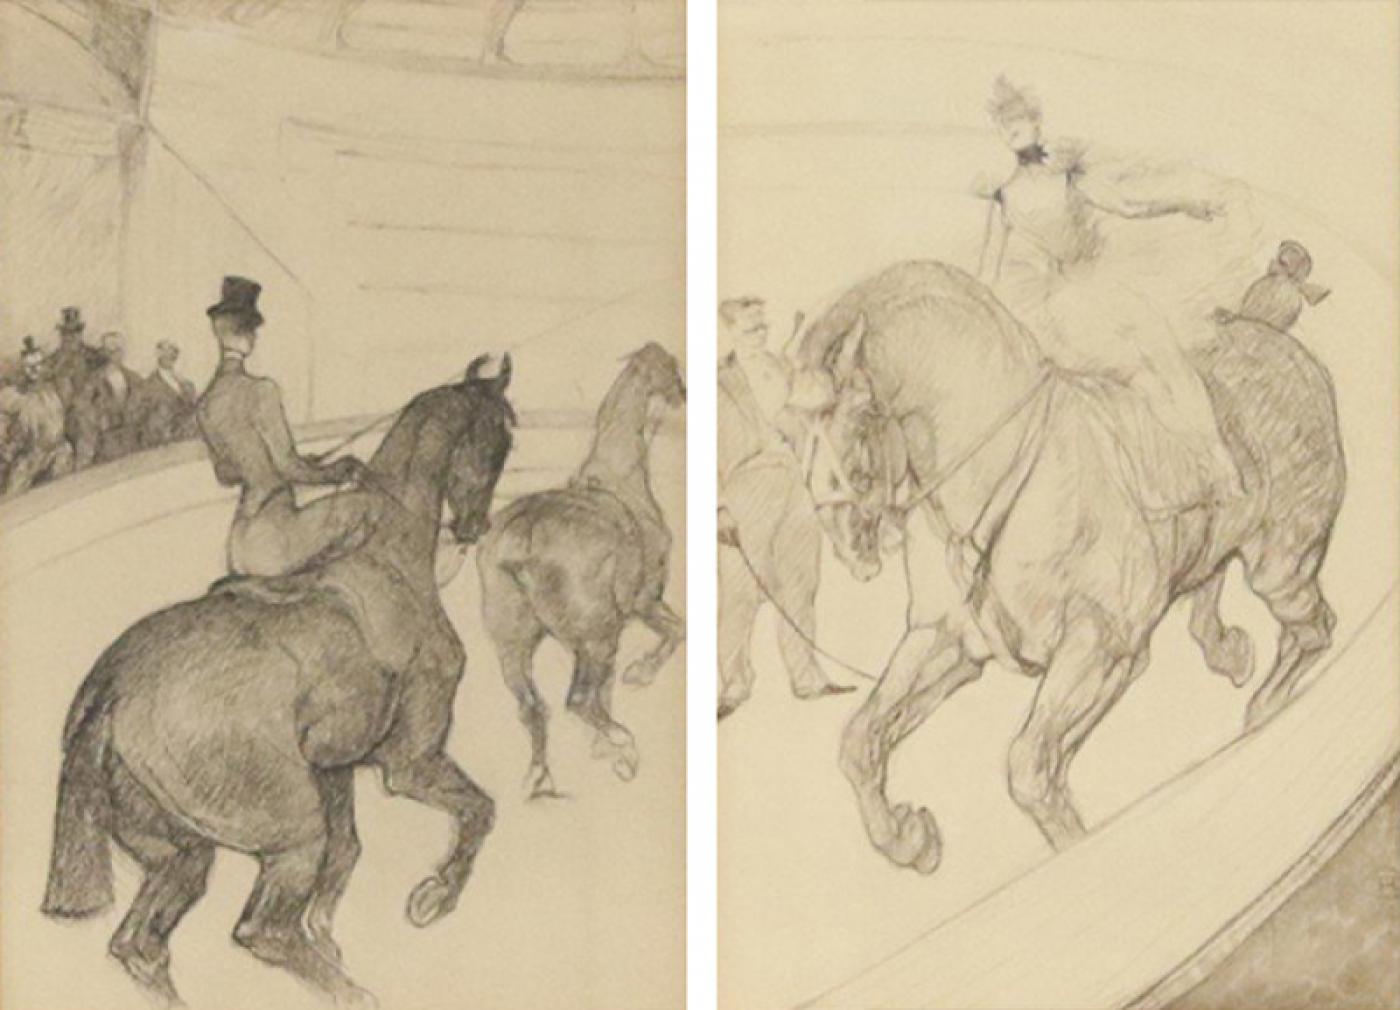 Henri De Toulouse Lautrec Lautrec Pencil Drawing Diptych Of Figures Riding Horses In A Gilt Frame